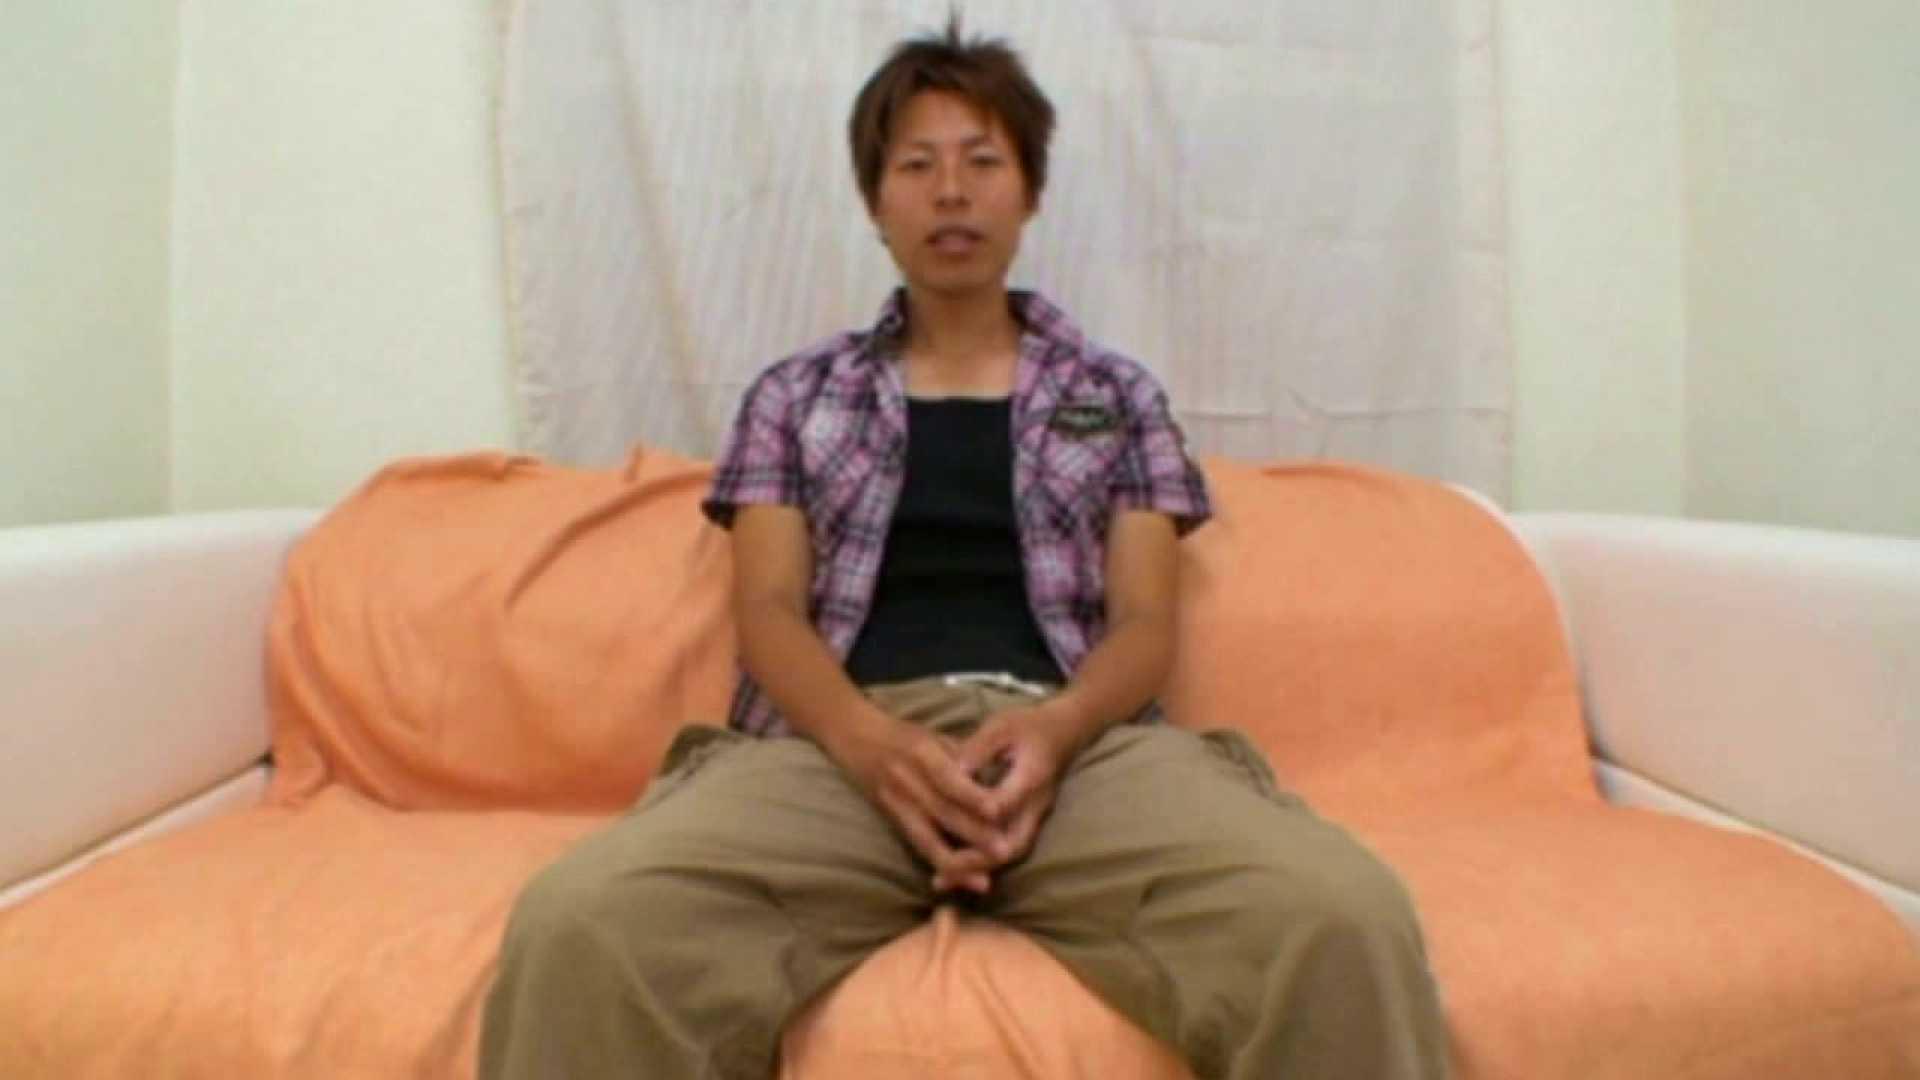 ノンケ!自慰スタジオ No.10 オナニー アダルトビデオ画像キャプチャ 113枚 37